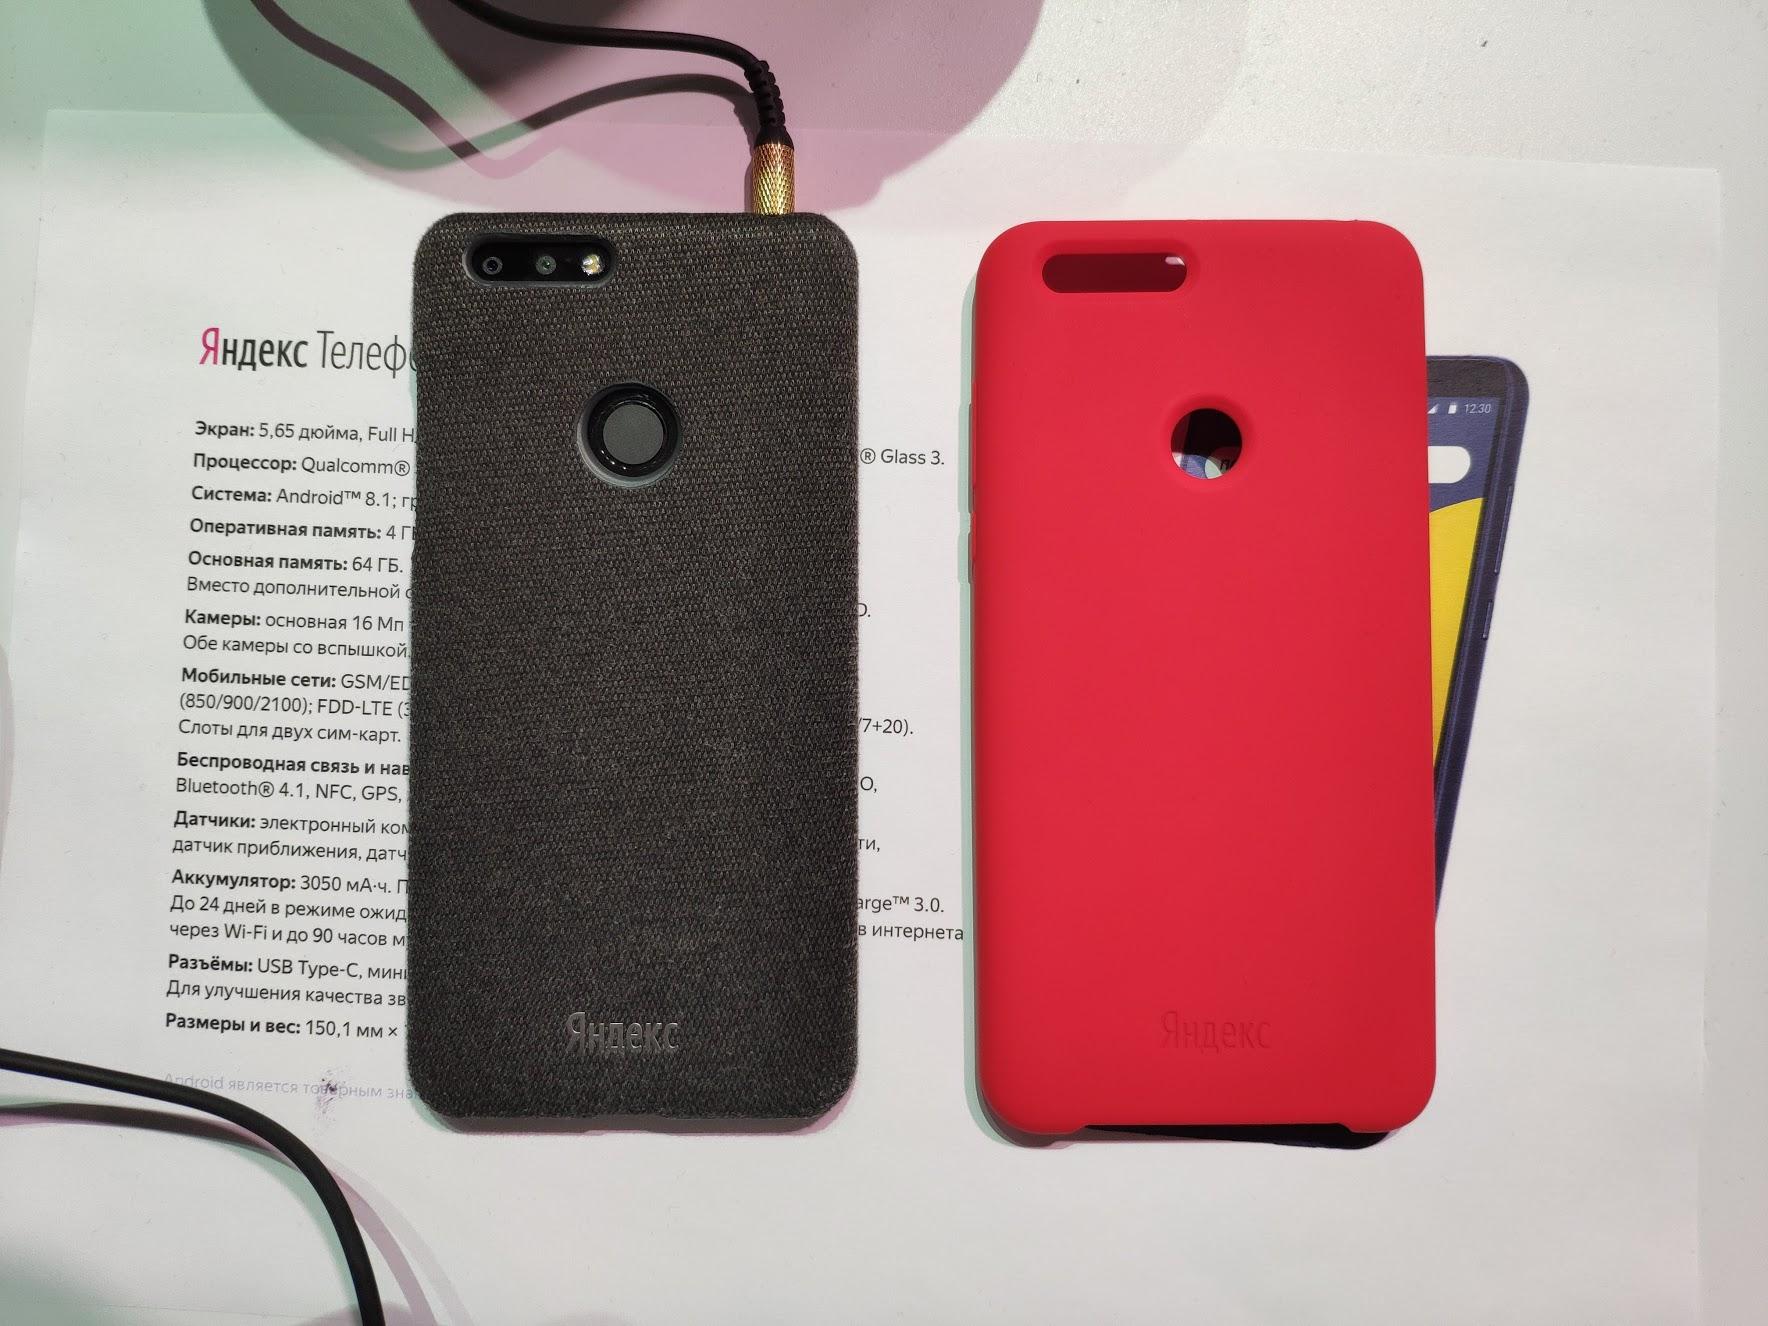 Яндекс телефон стал реальностью. Выбы такой купили?